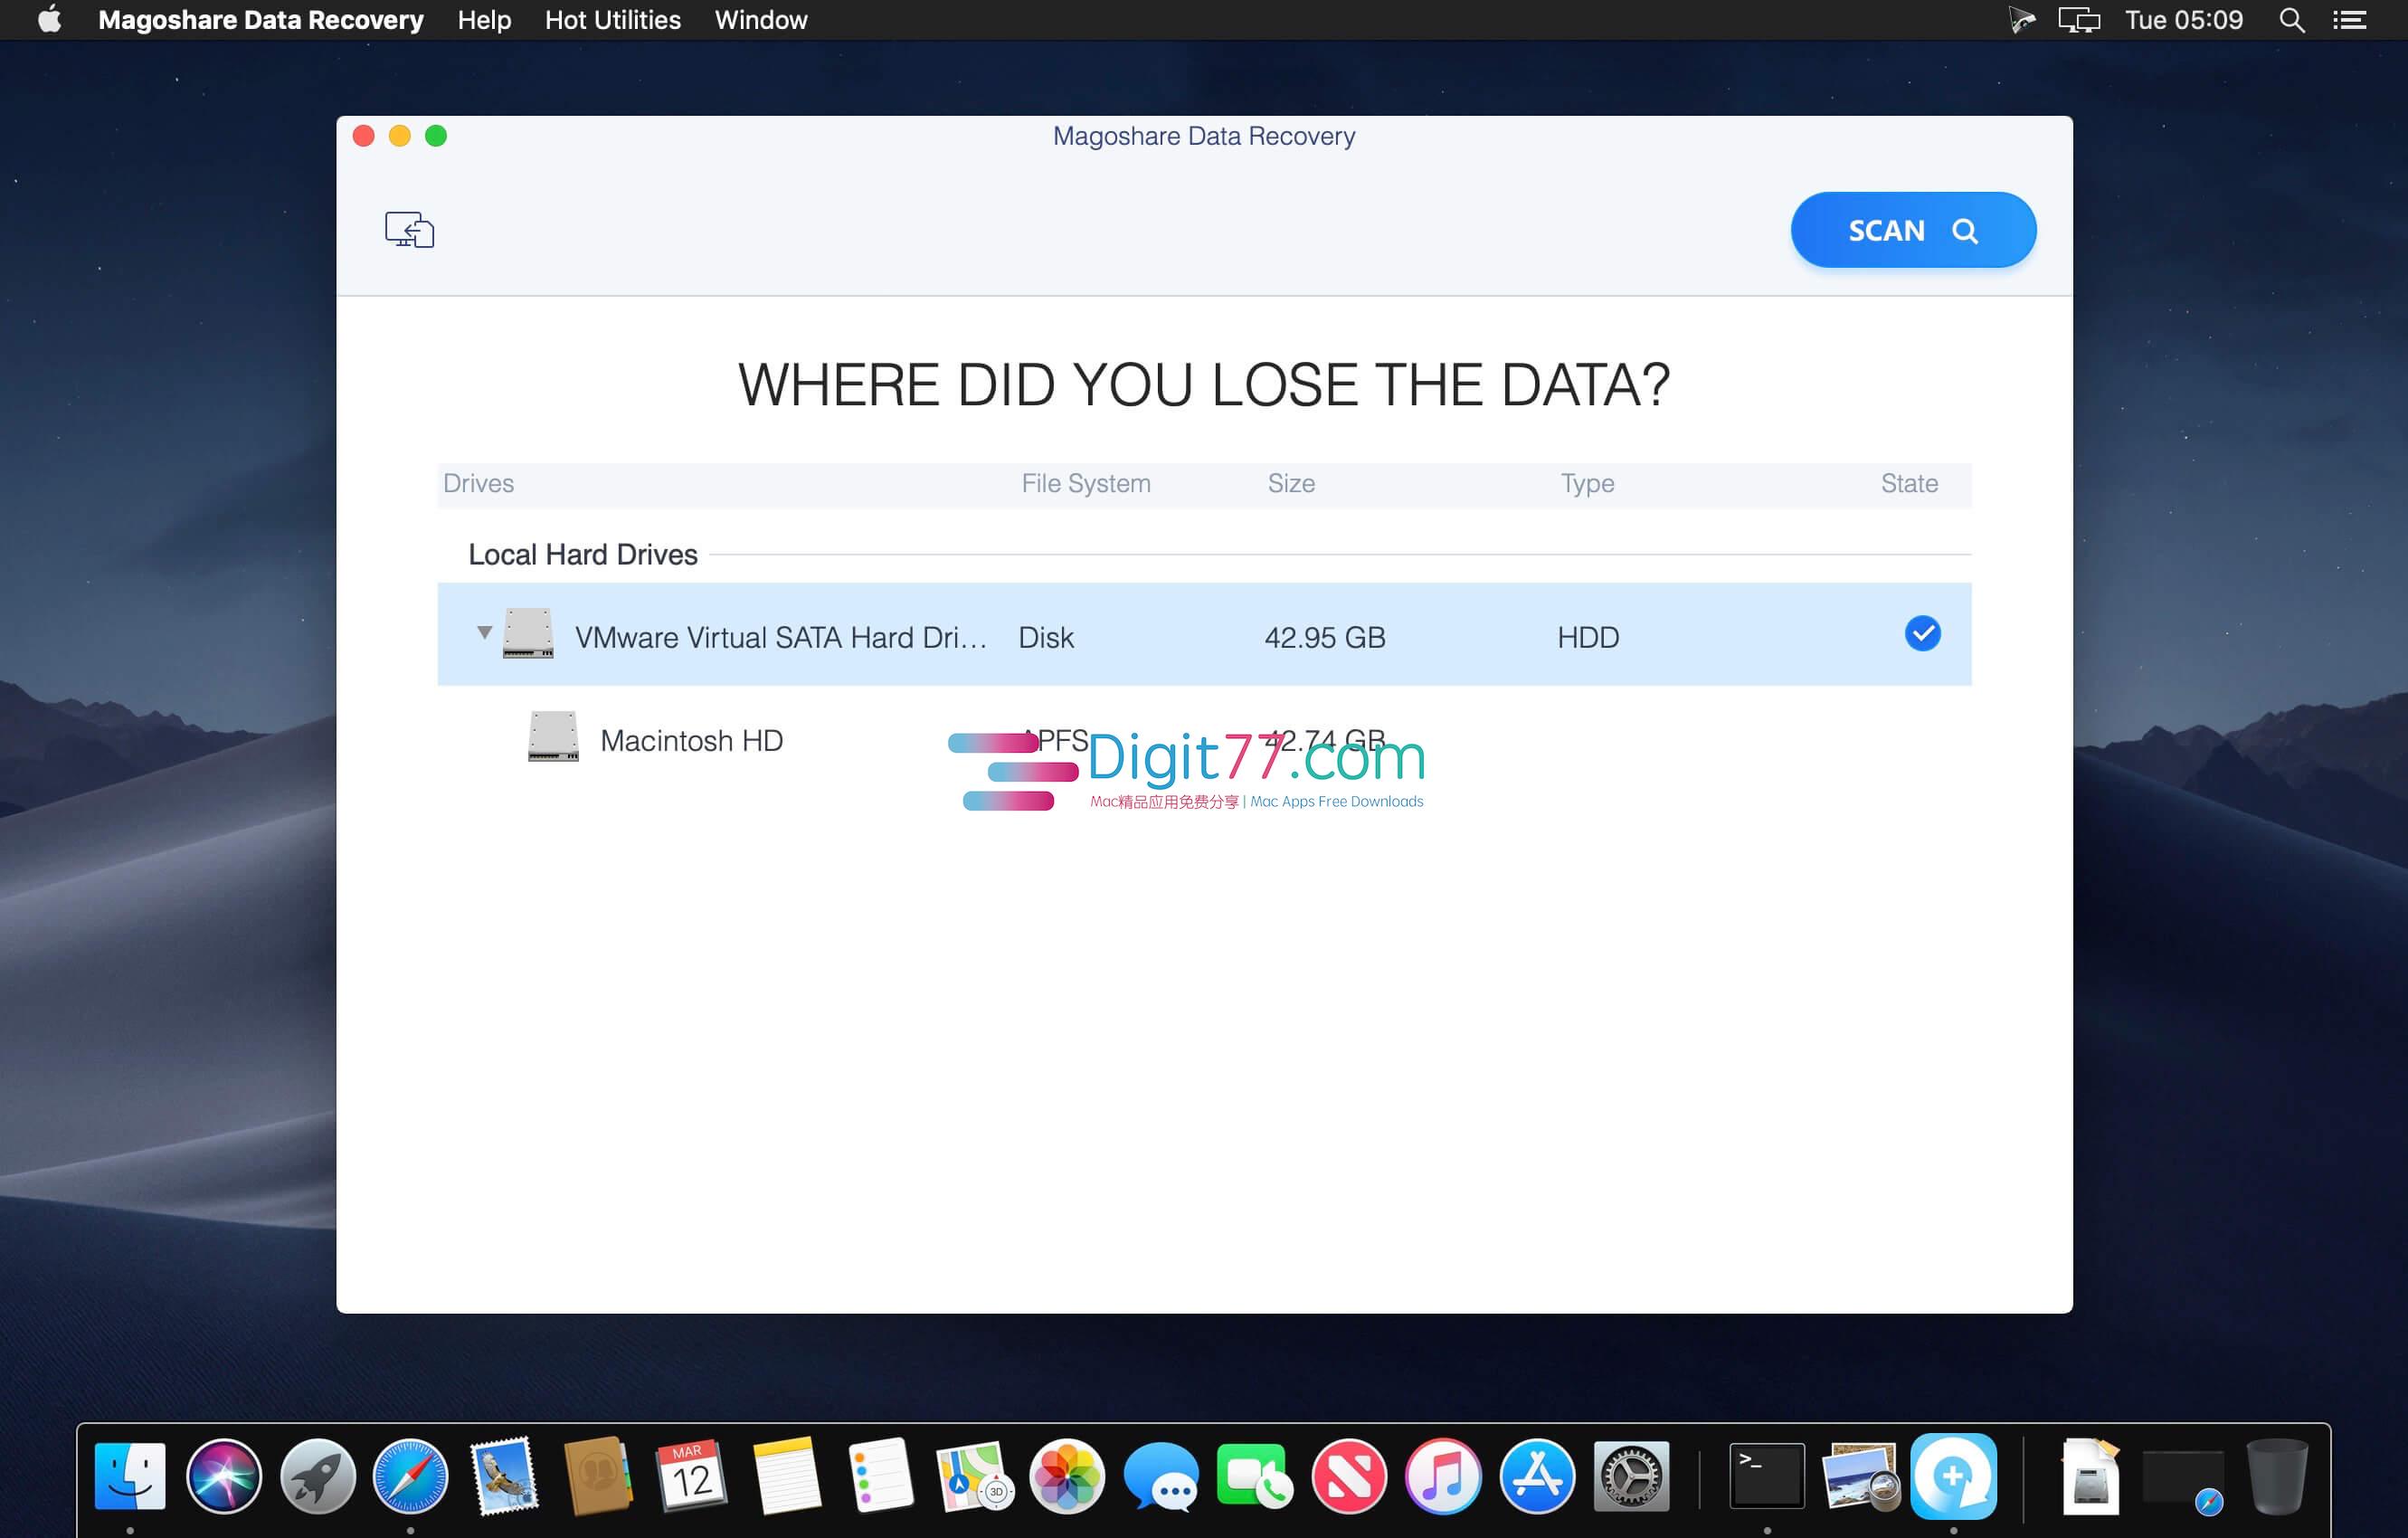 Magoshare Data Recovery